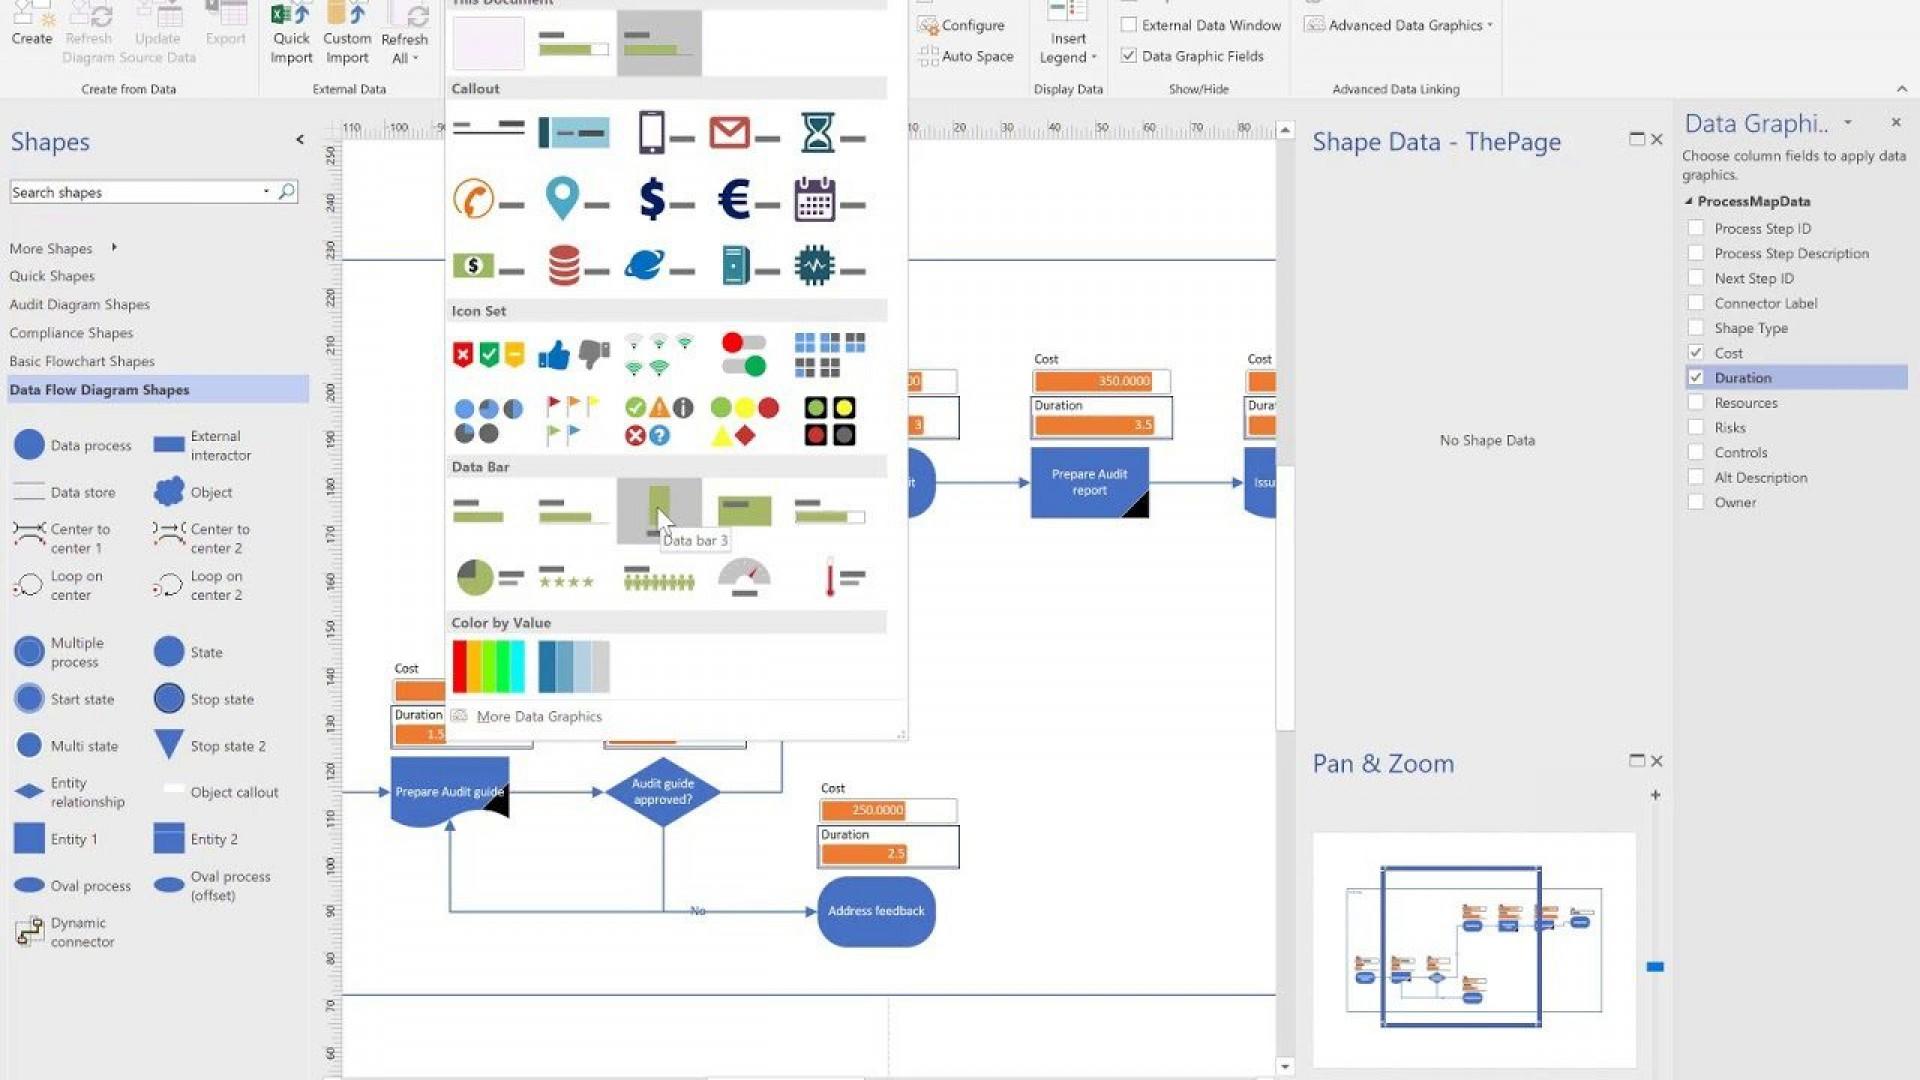 001 Wondrou Flow Chart Microsoft Excel Picture  Flowchart Template1920